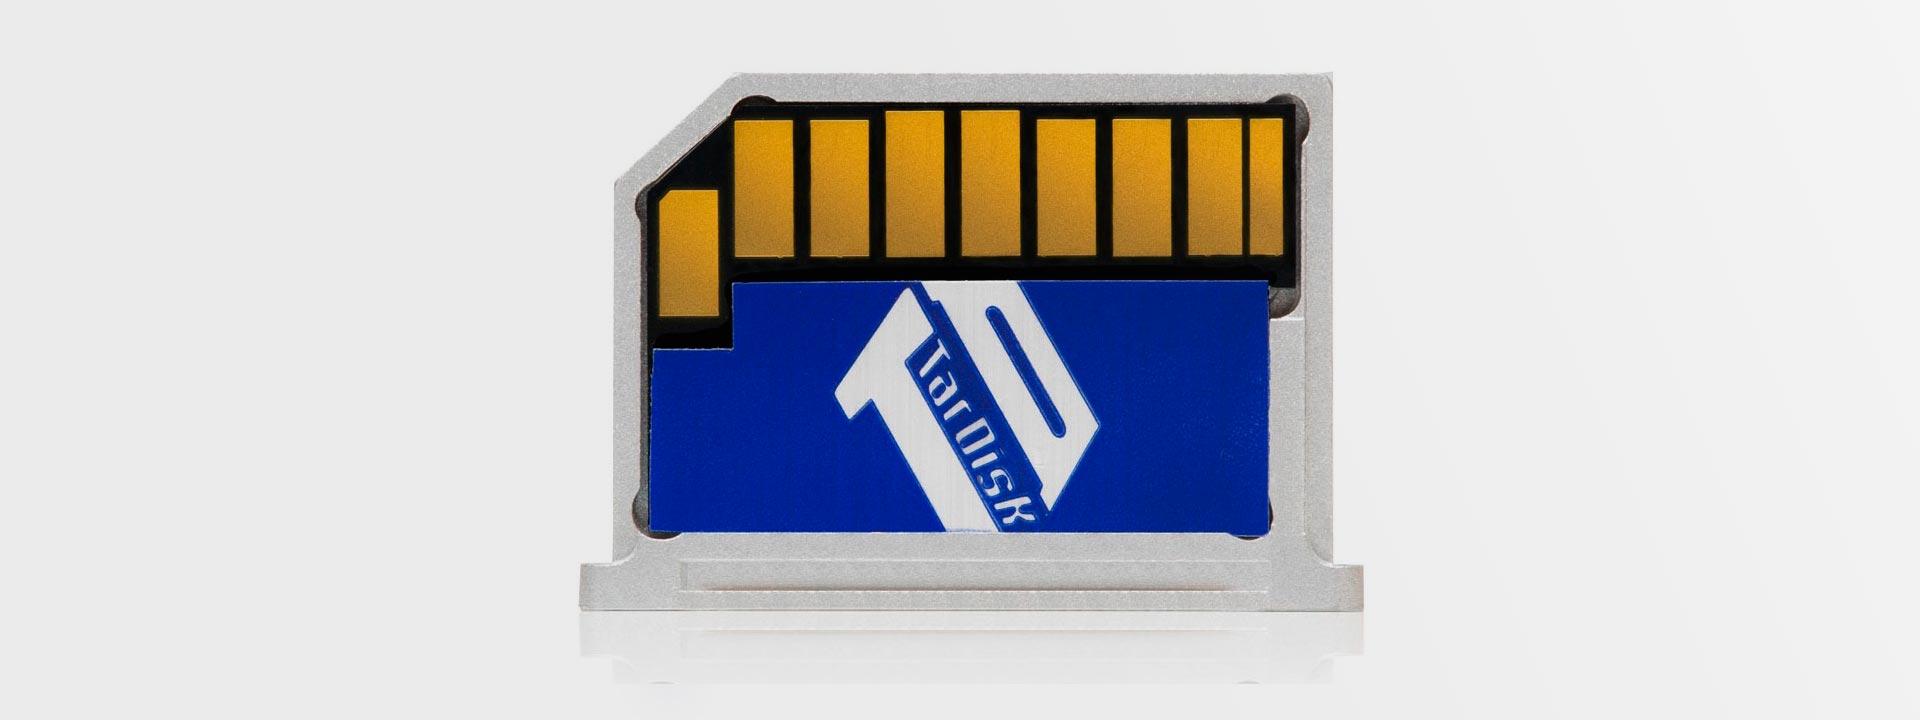 SD-карта TarDisk Pear вдвое увеличит память Macbook